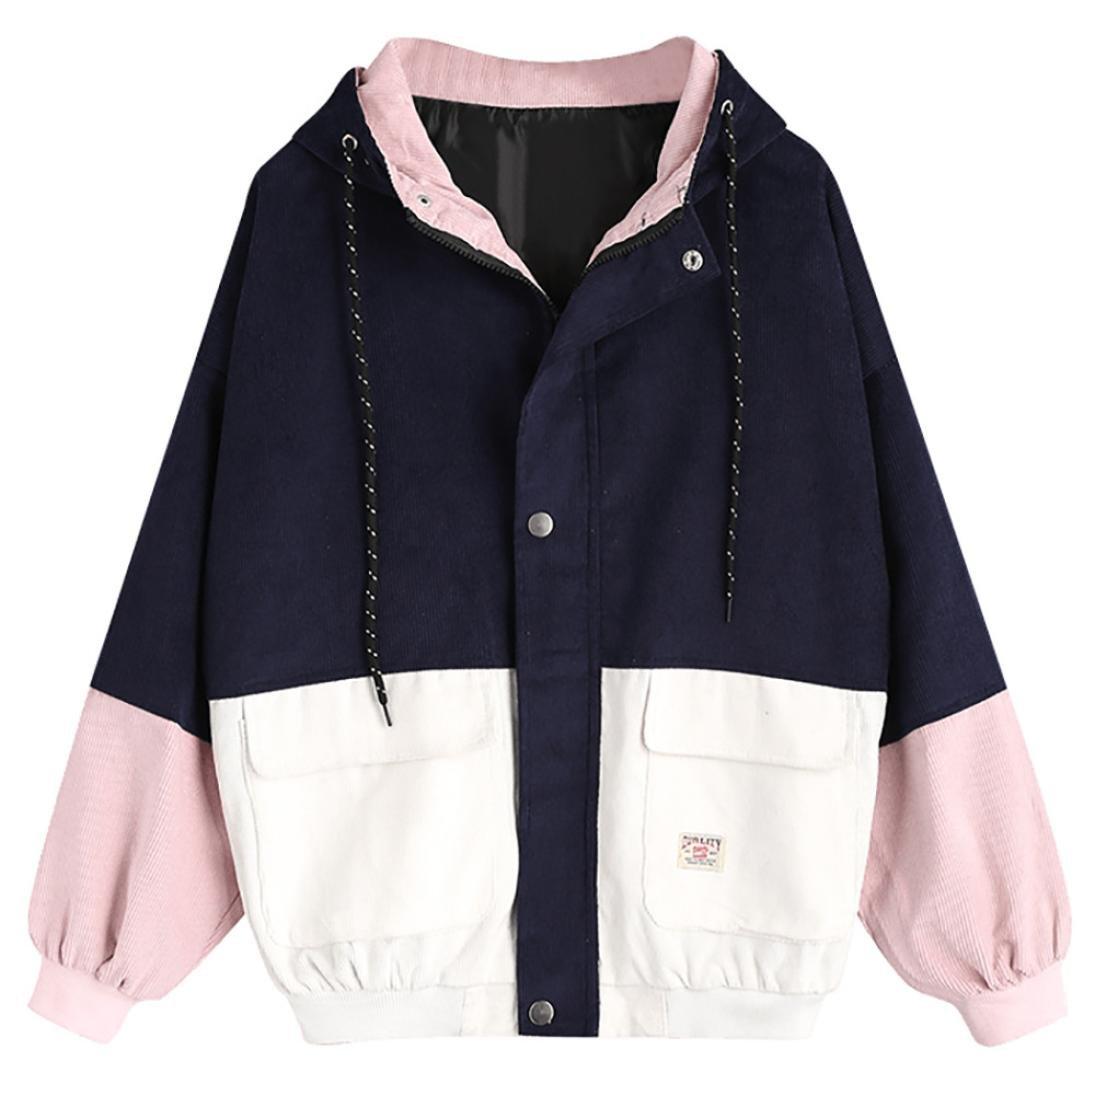 HLHN Women Corduroy Coat, Hoodies Long Sleeve Patchwork Oversize Jacket Windbreaker Color Blocking Overcoat